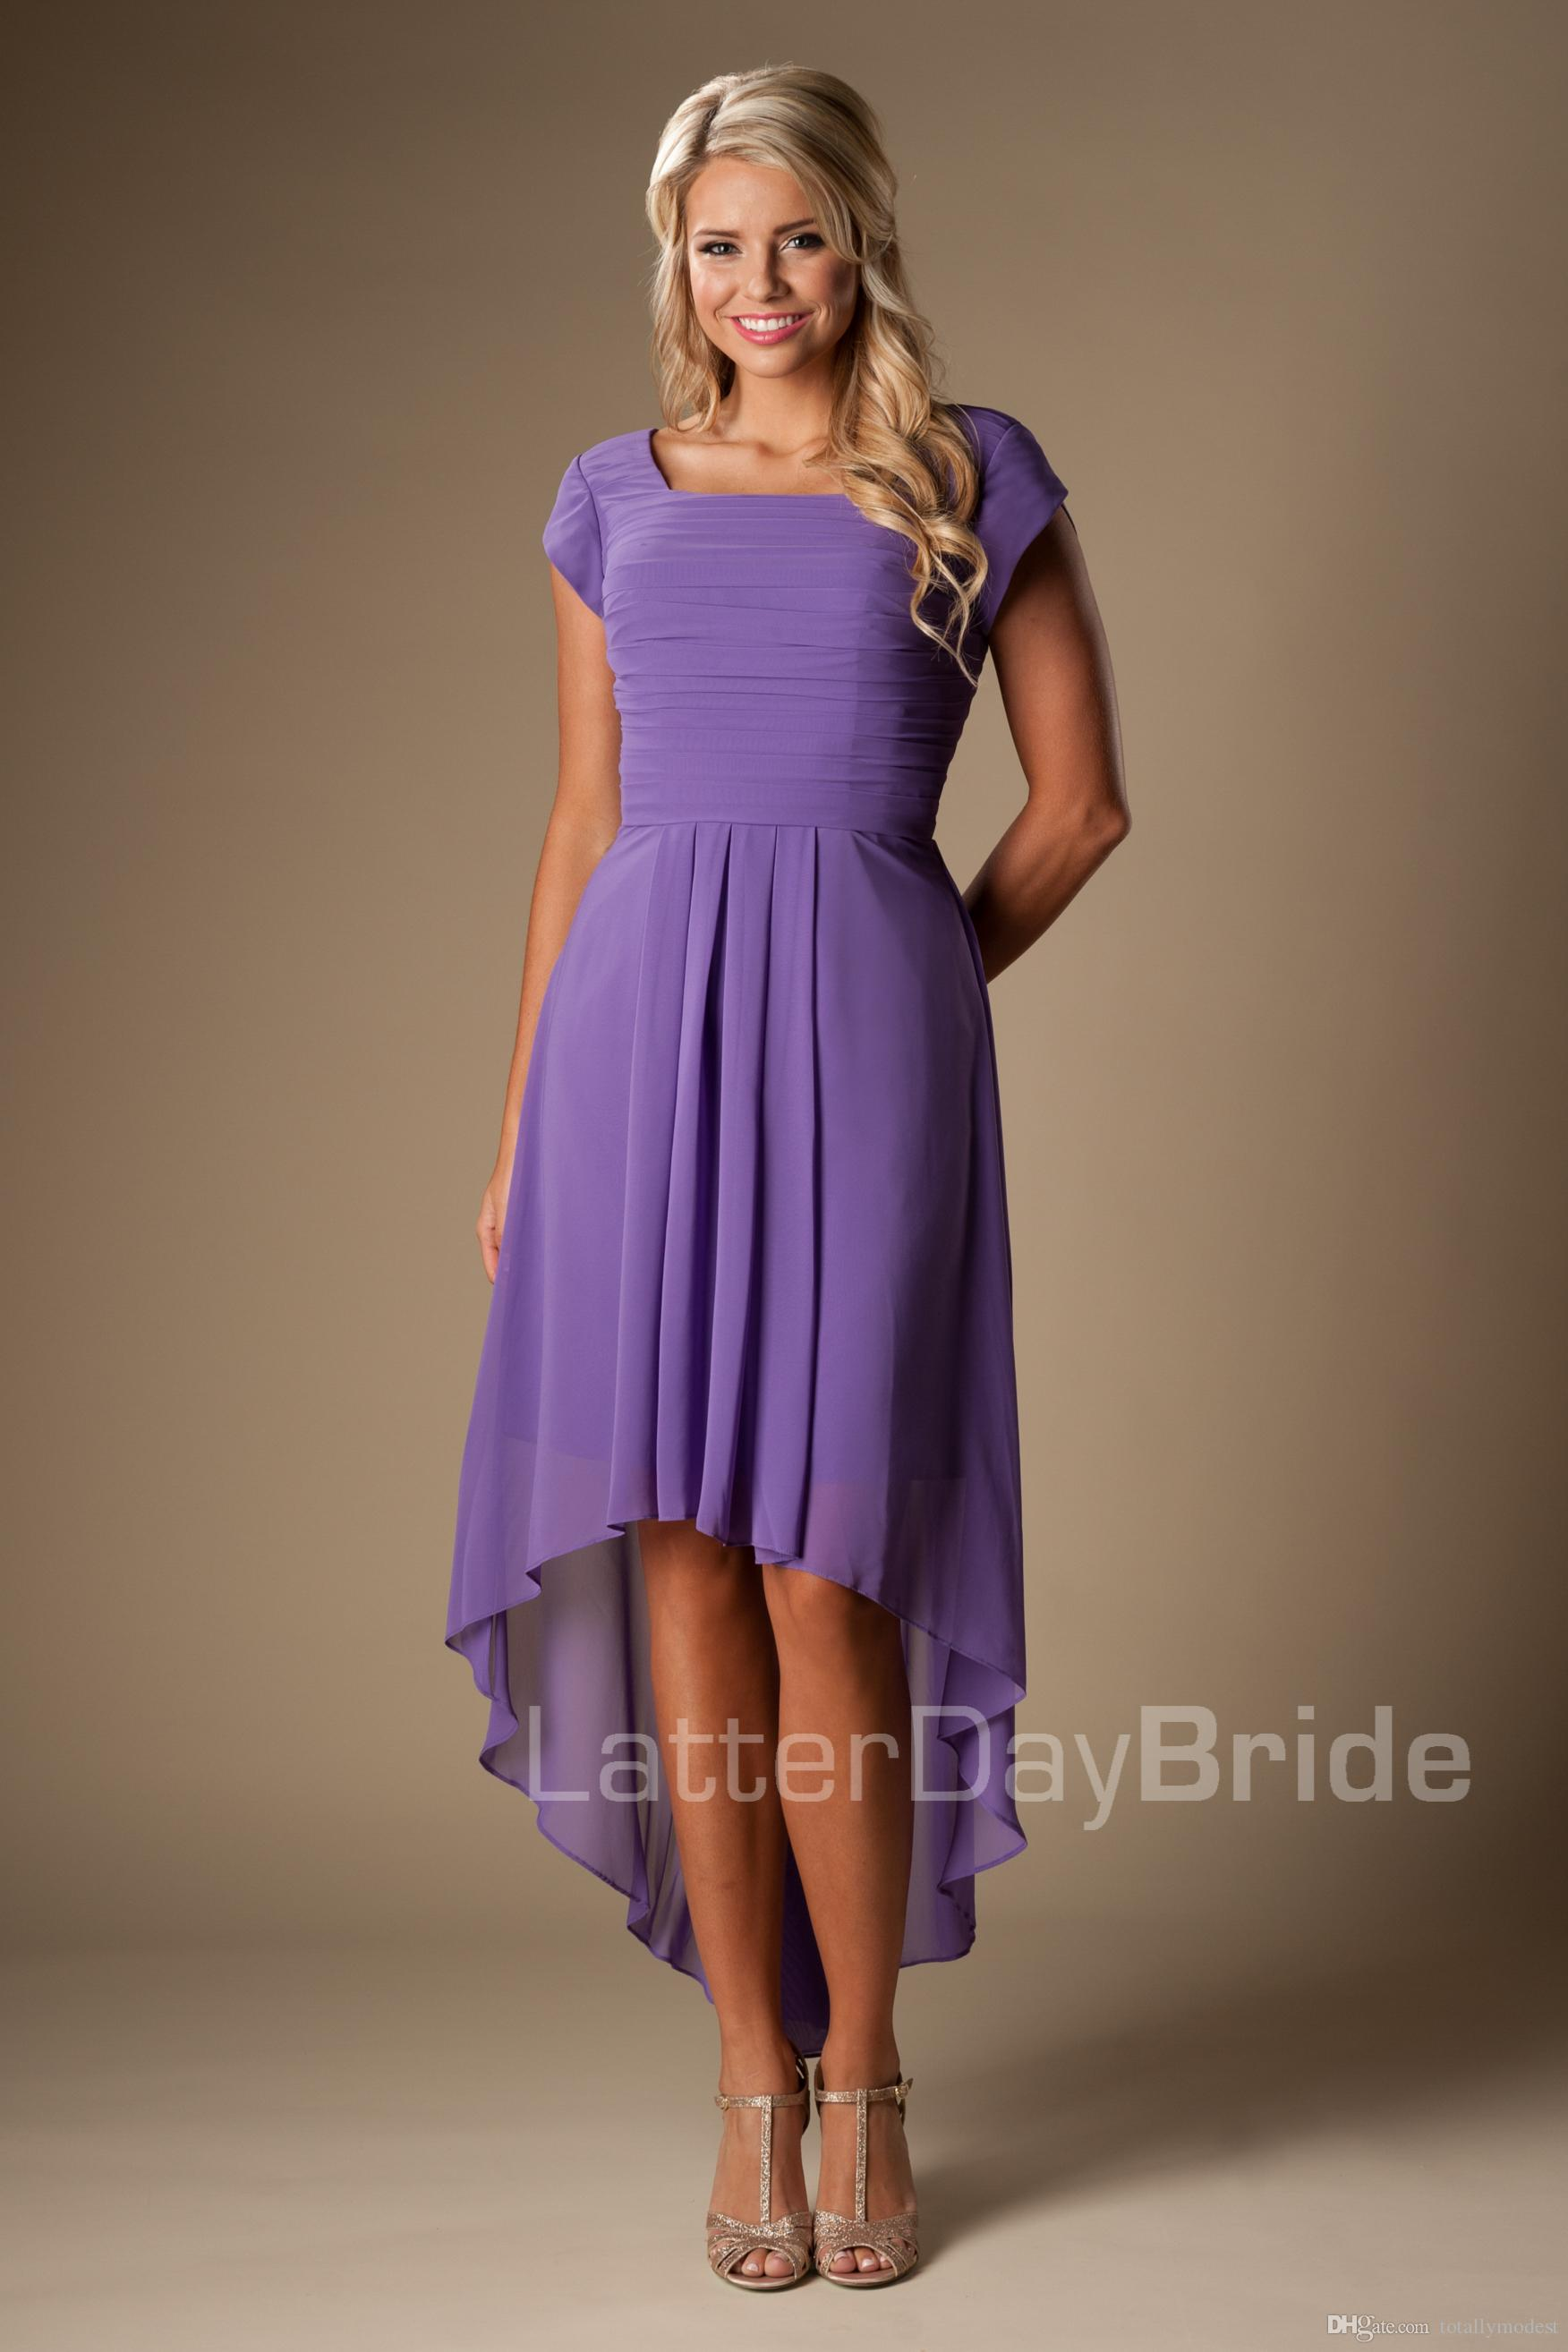 Großhandel Lila High Low Short Modest Brautjungfer Kleider Mit ...